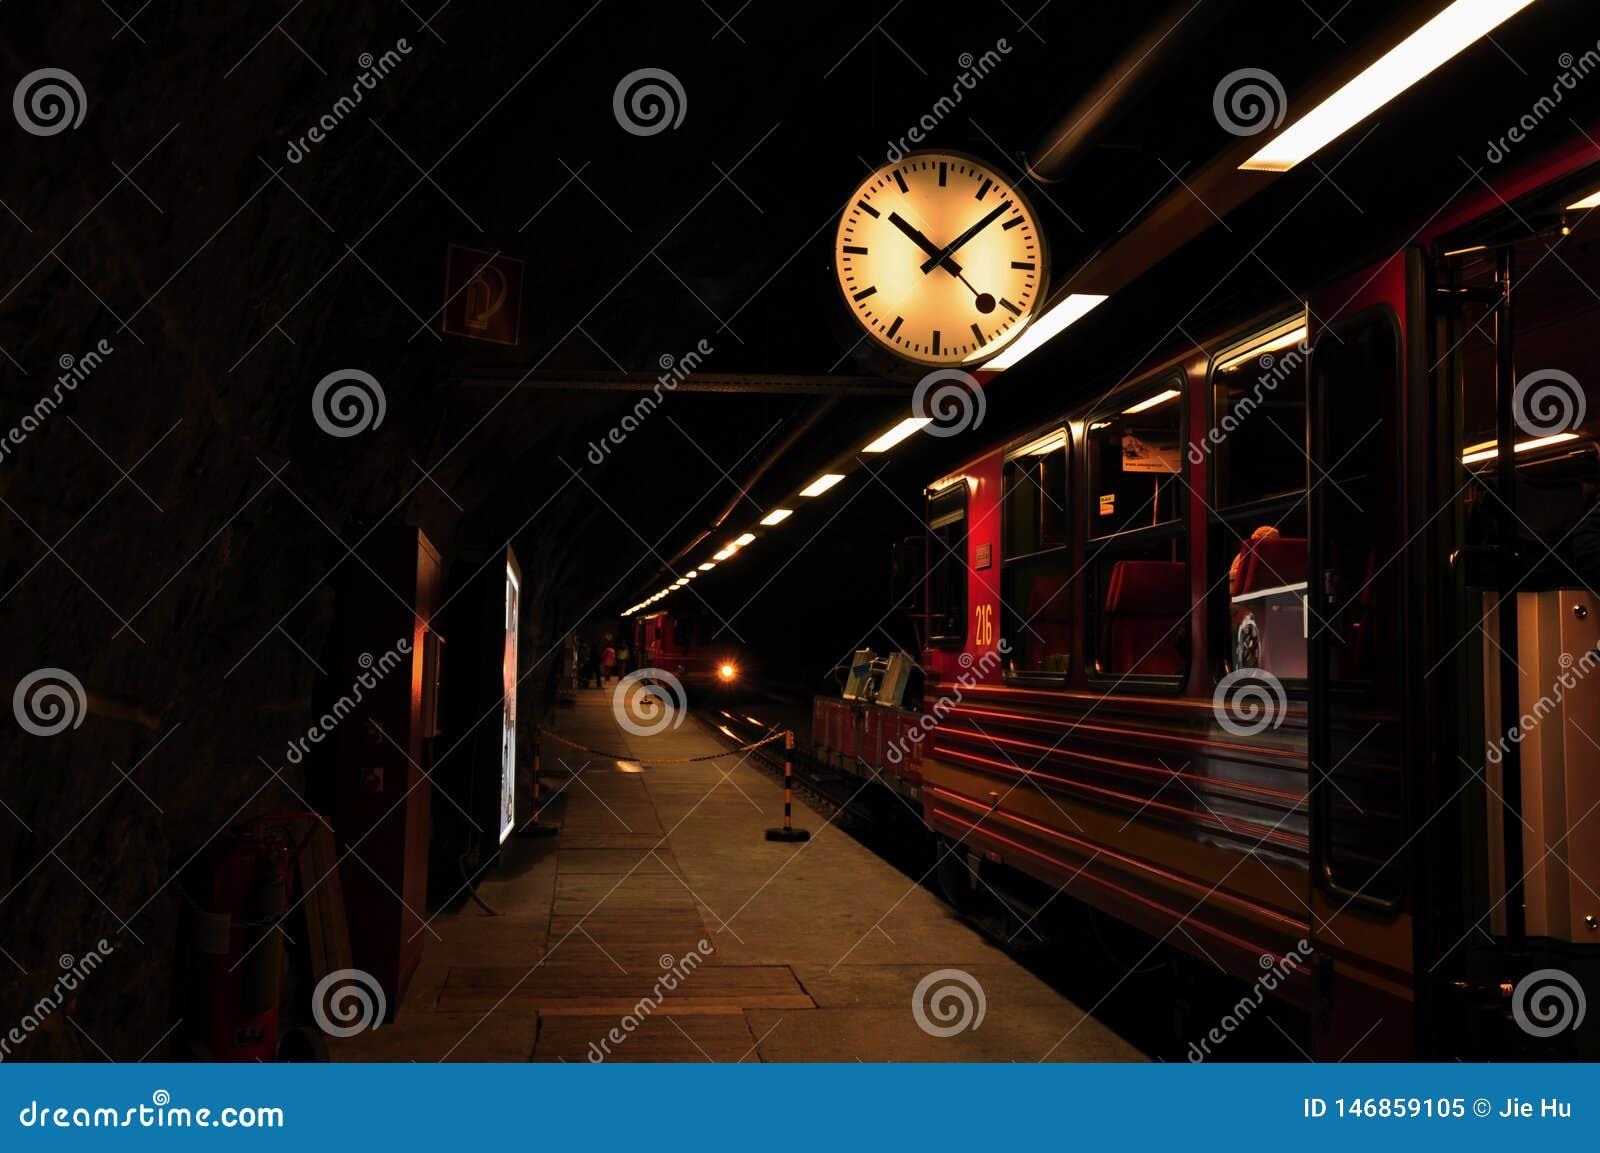 Terminal of montain train